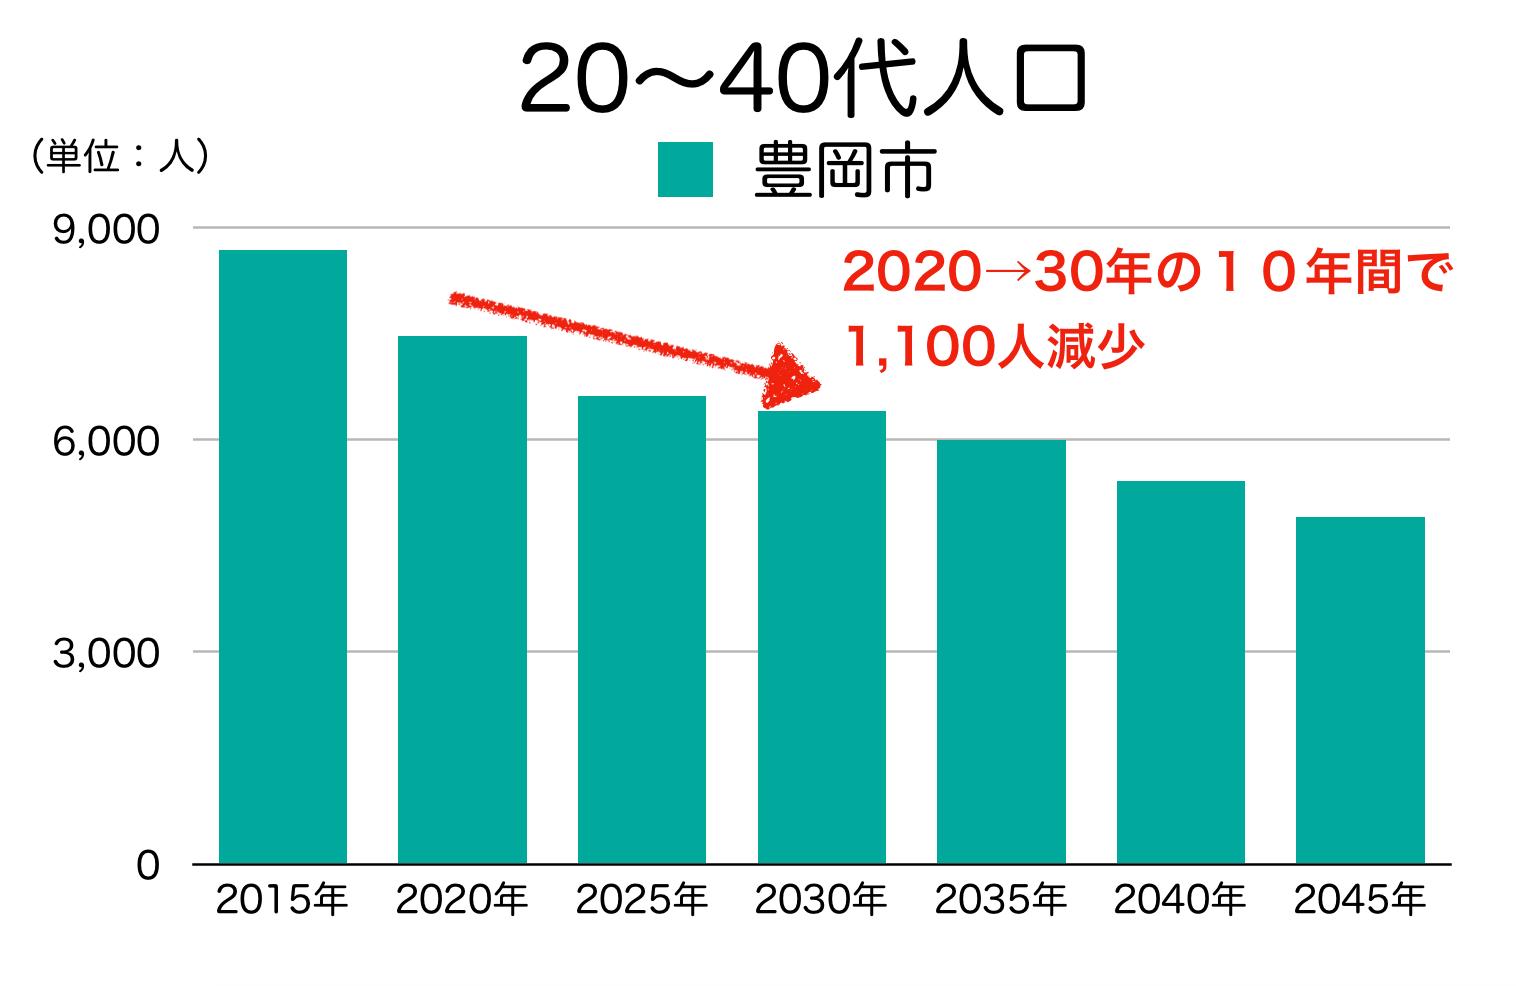 豊岡市の20〜40代人口の予測